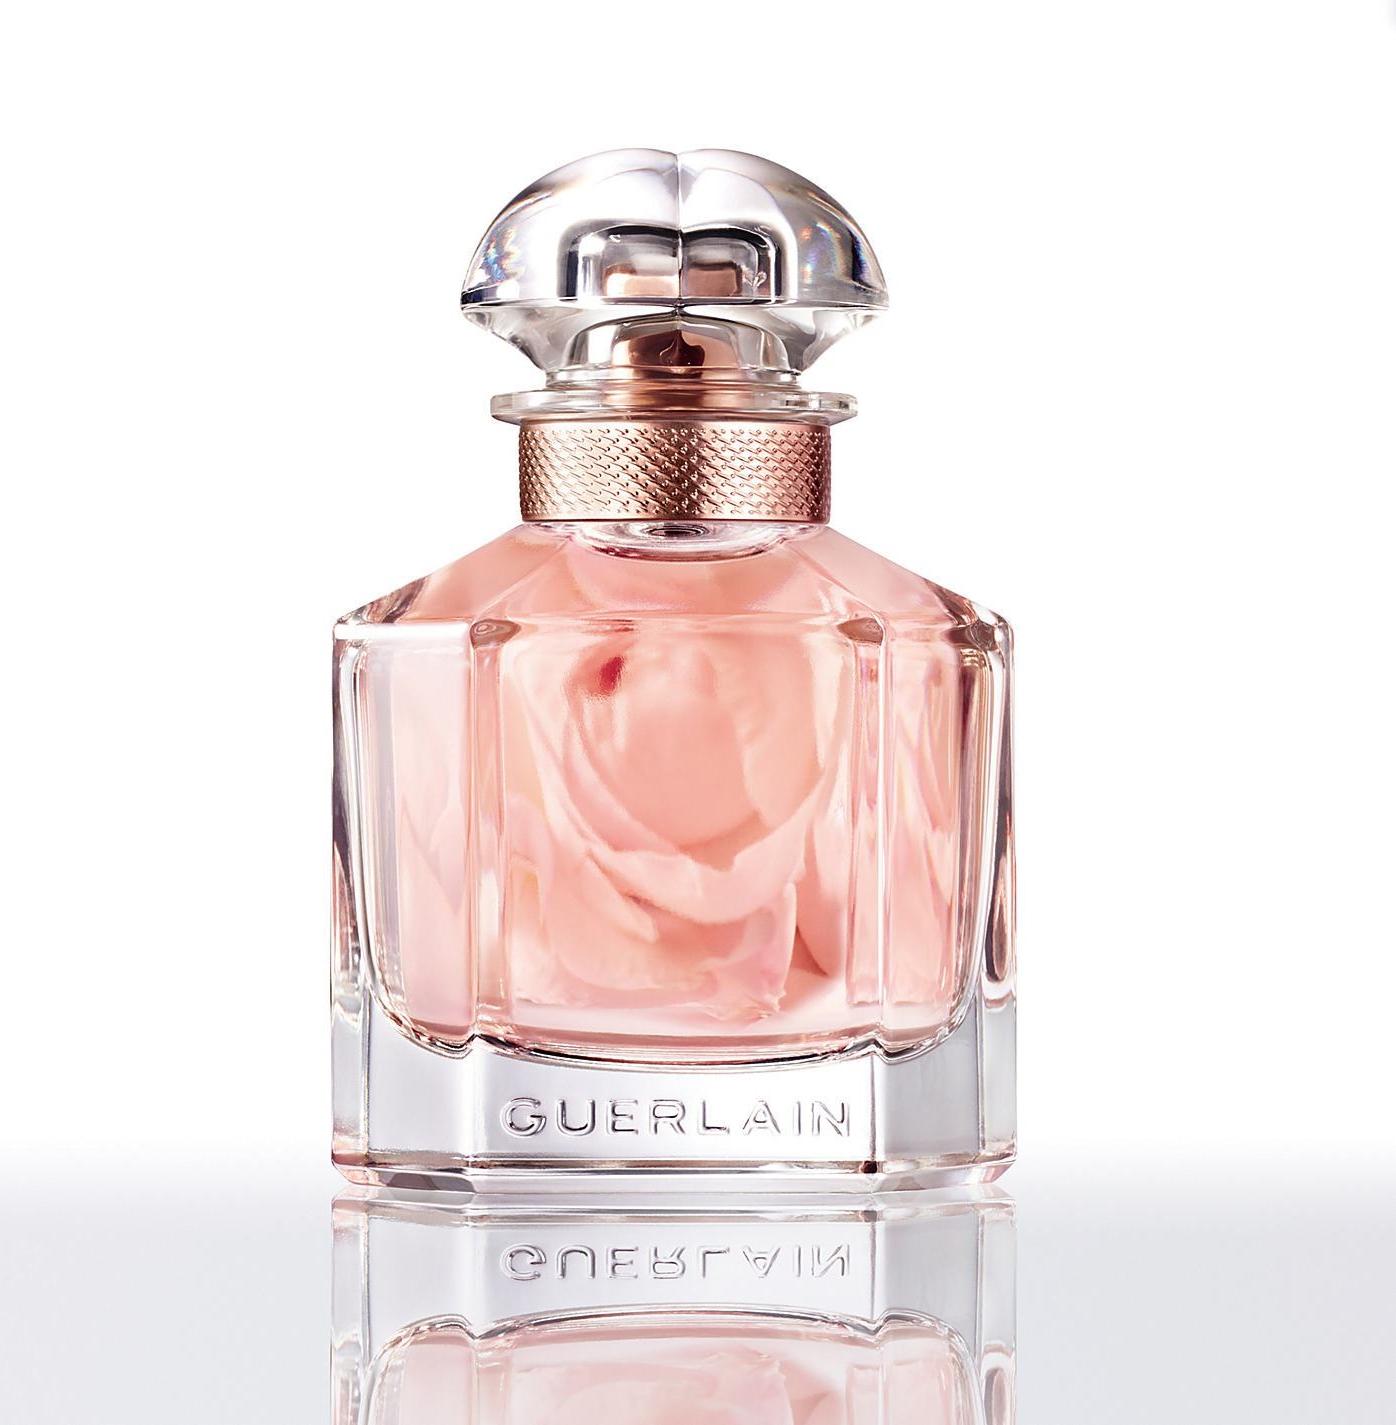 T1fkj3lc Eau Parfum Guerlain Mon Florale De dBrxoCeW